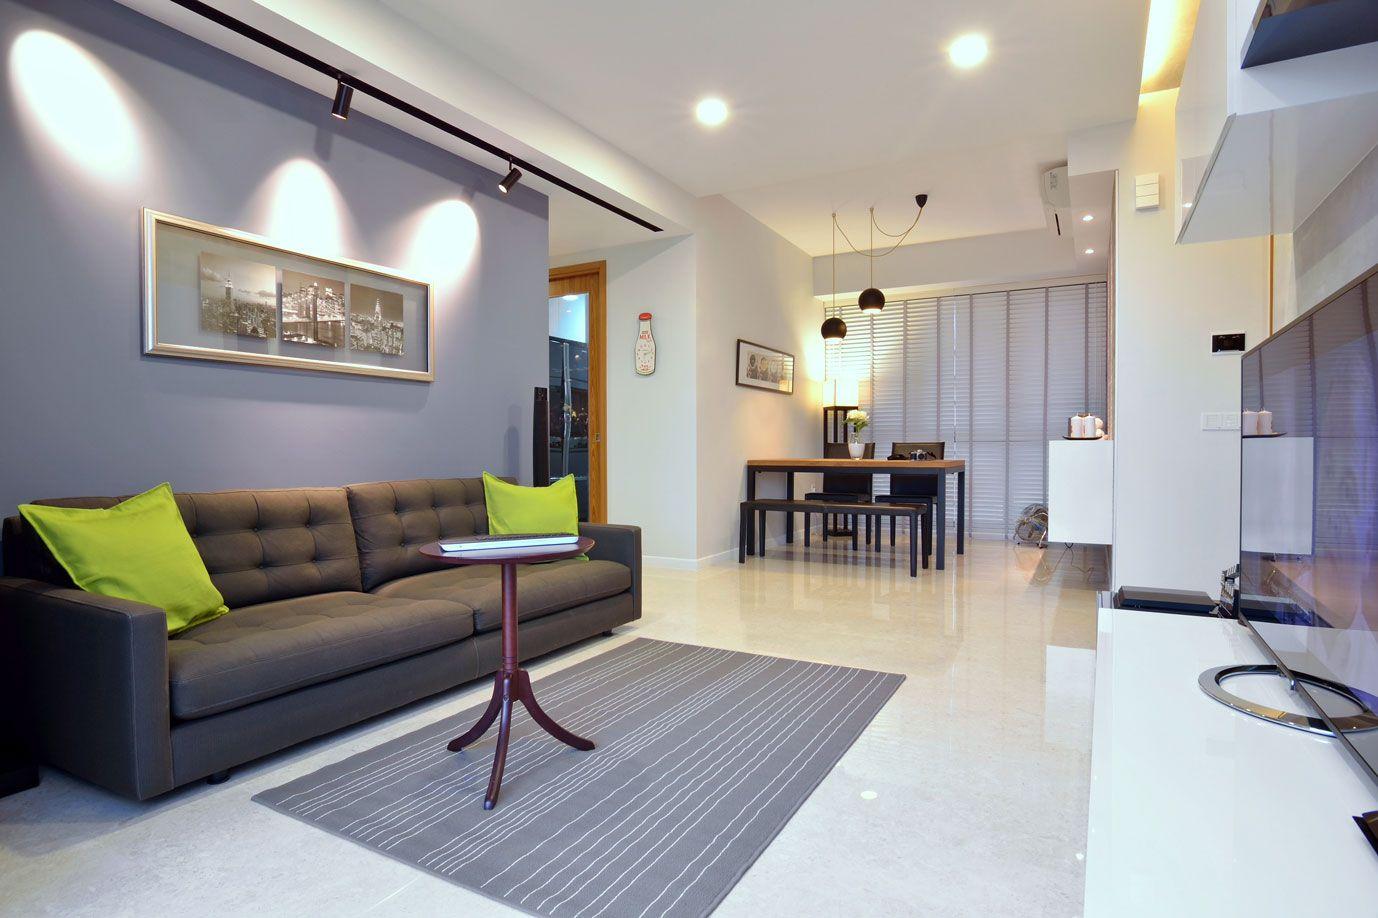 Apartment In Singaporeknq Associates 3  Interior Design Mesmerizing Design Living Room Minimalist Inspiration